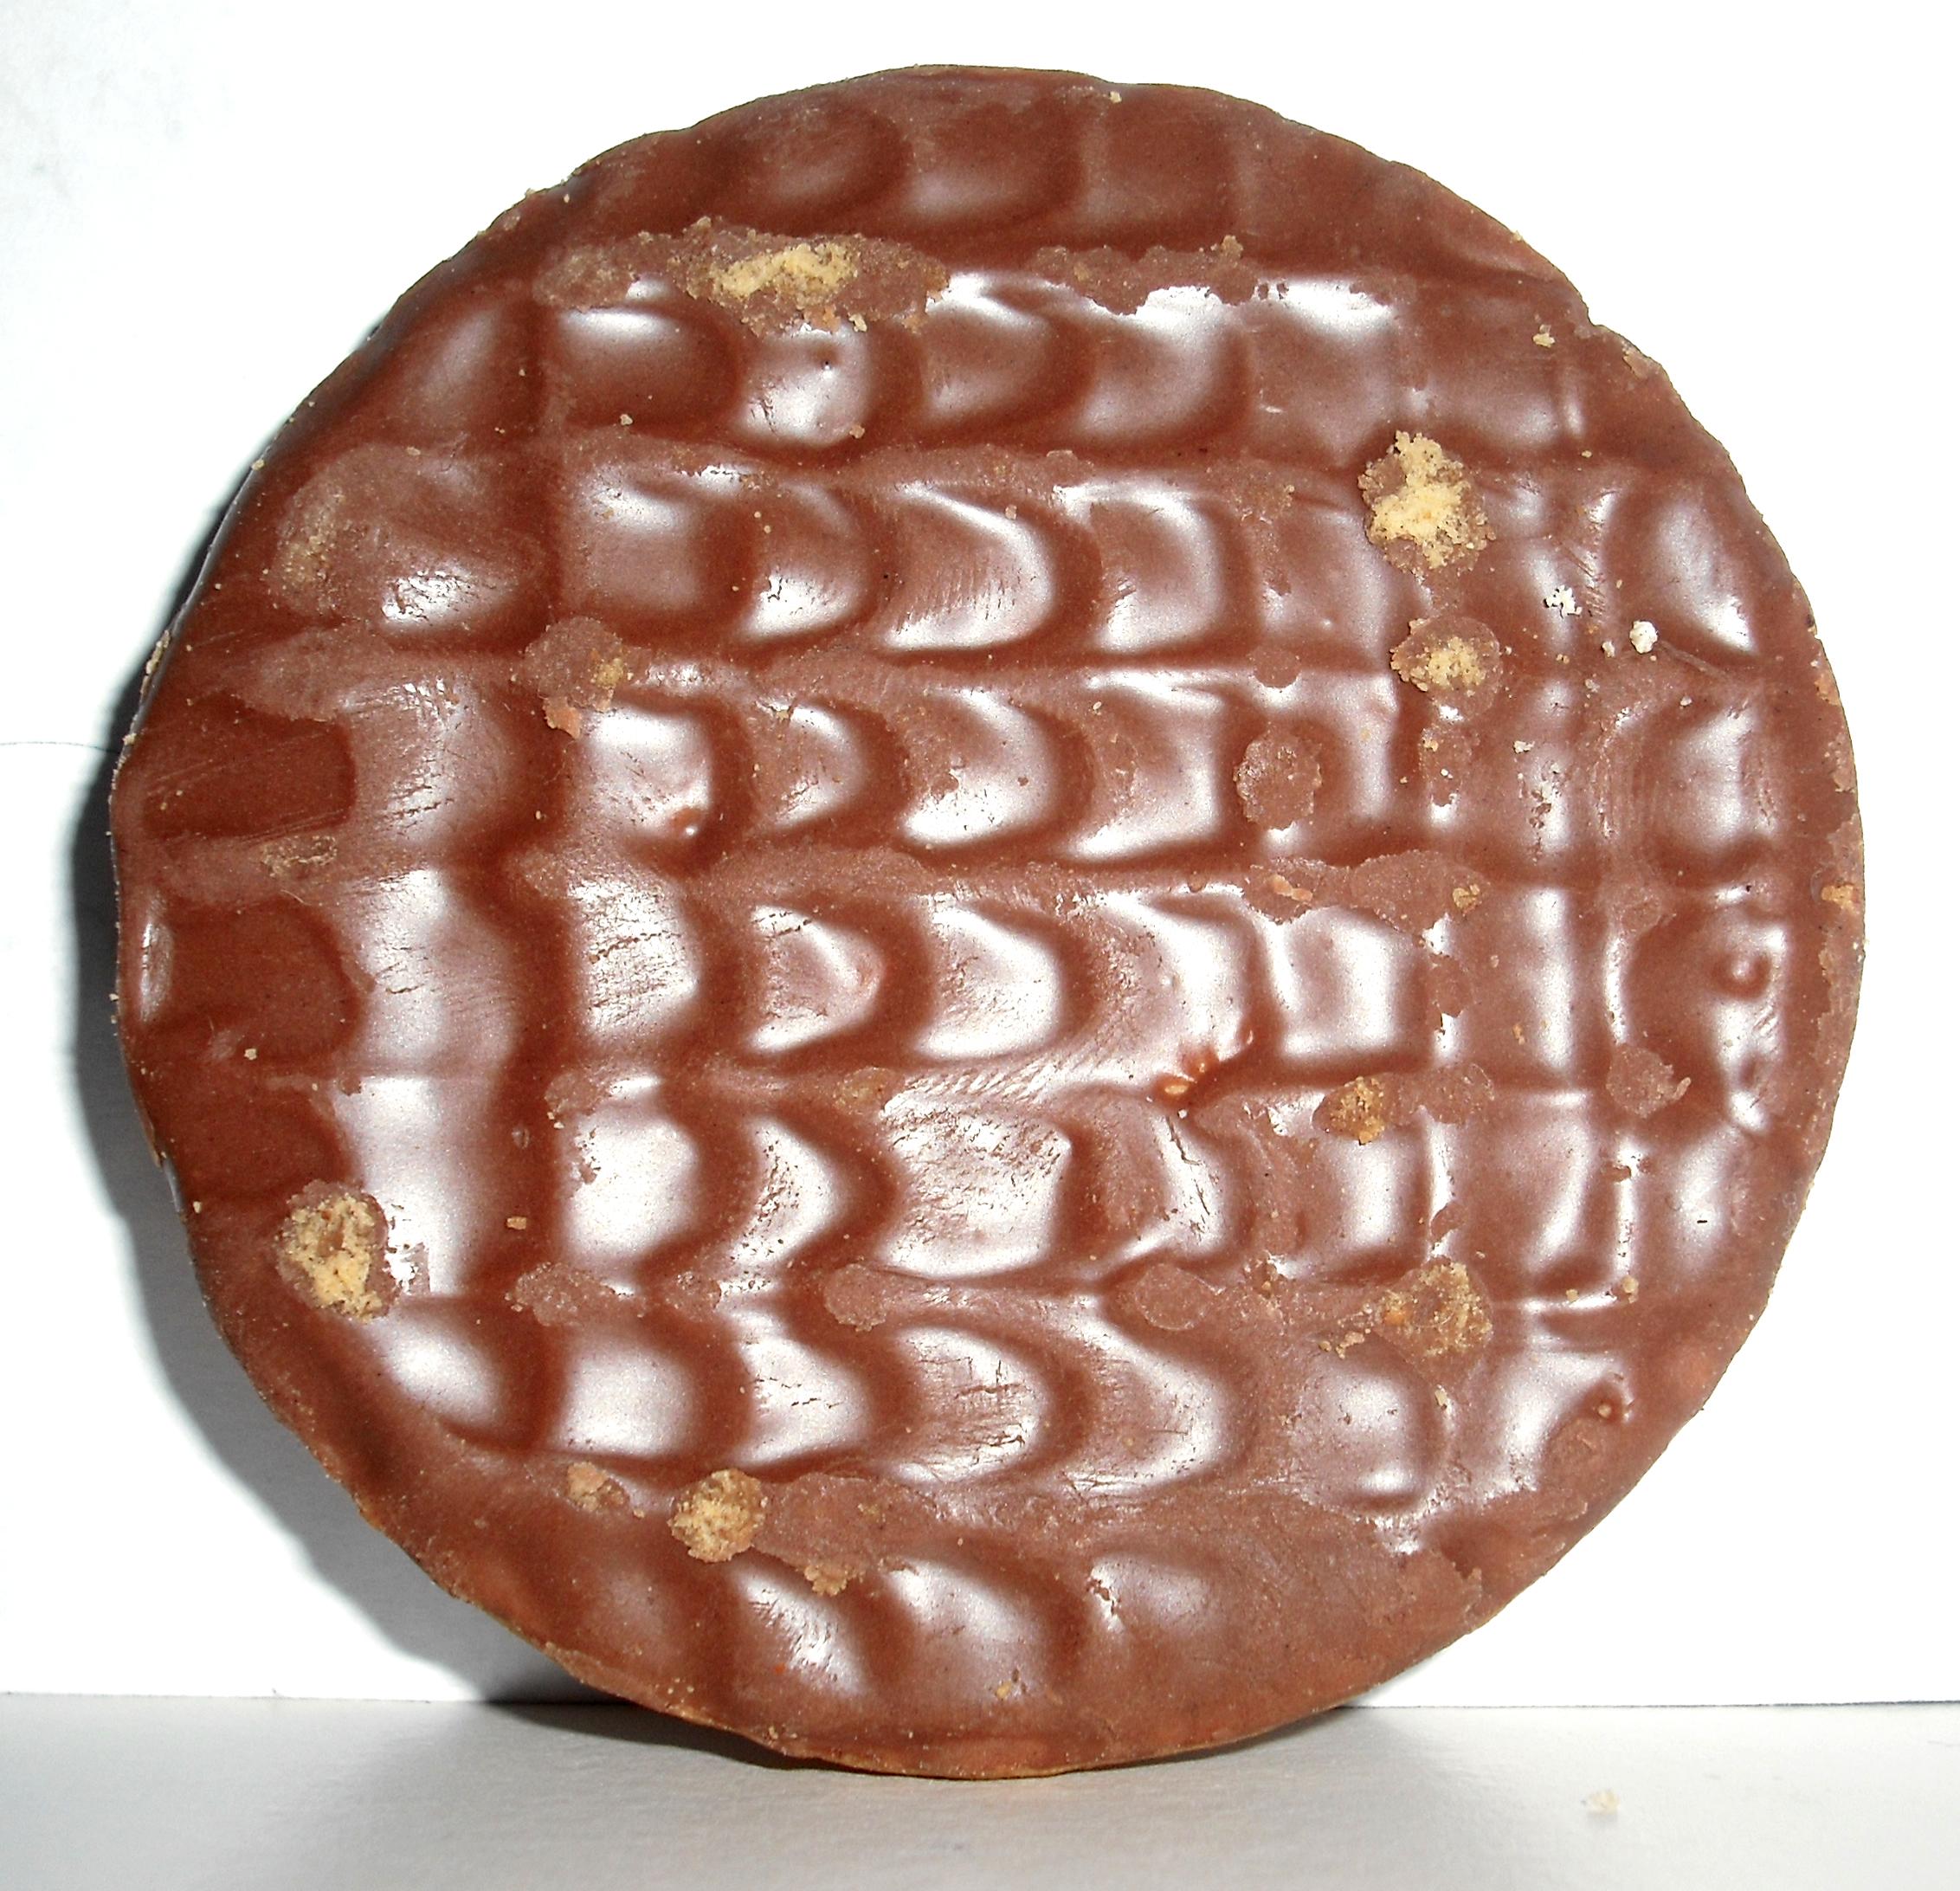 Chocolate Coated Garibaldi Biscuits